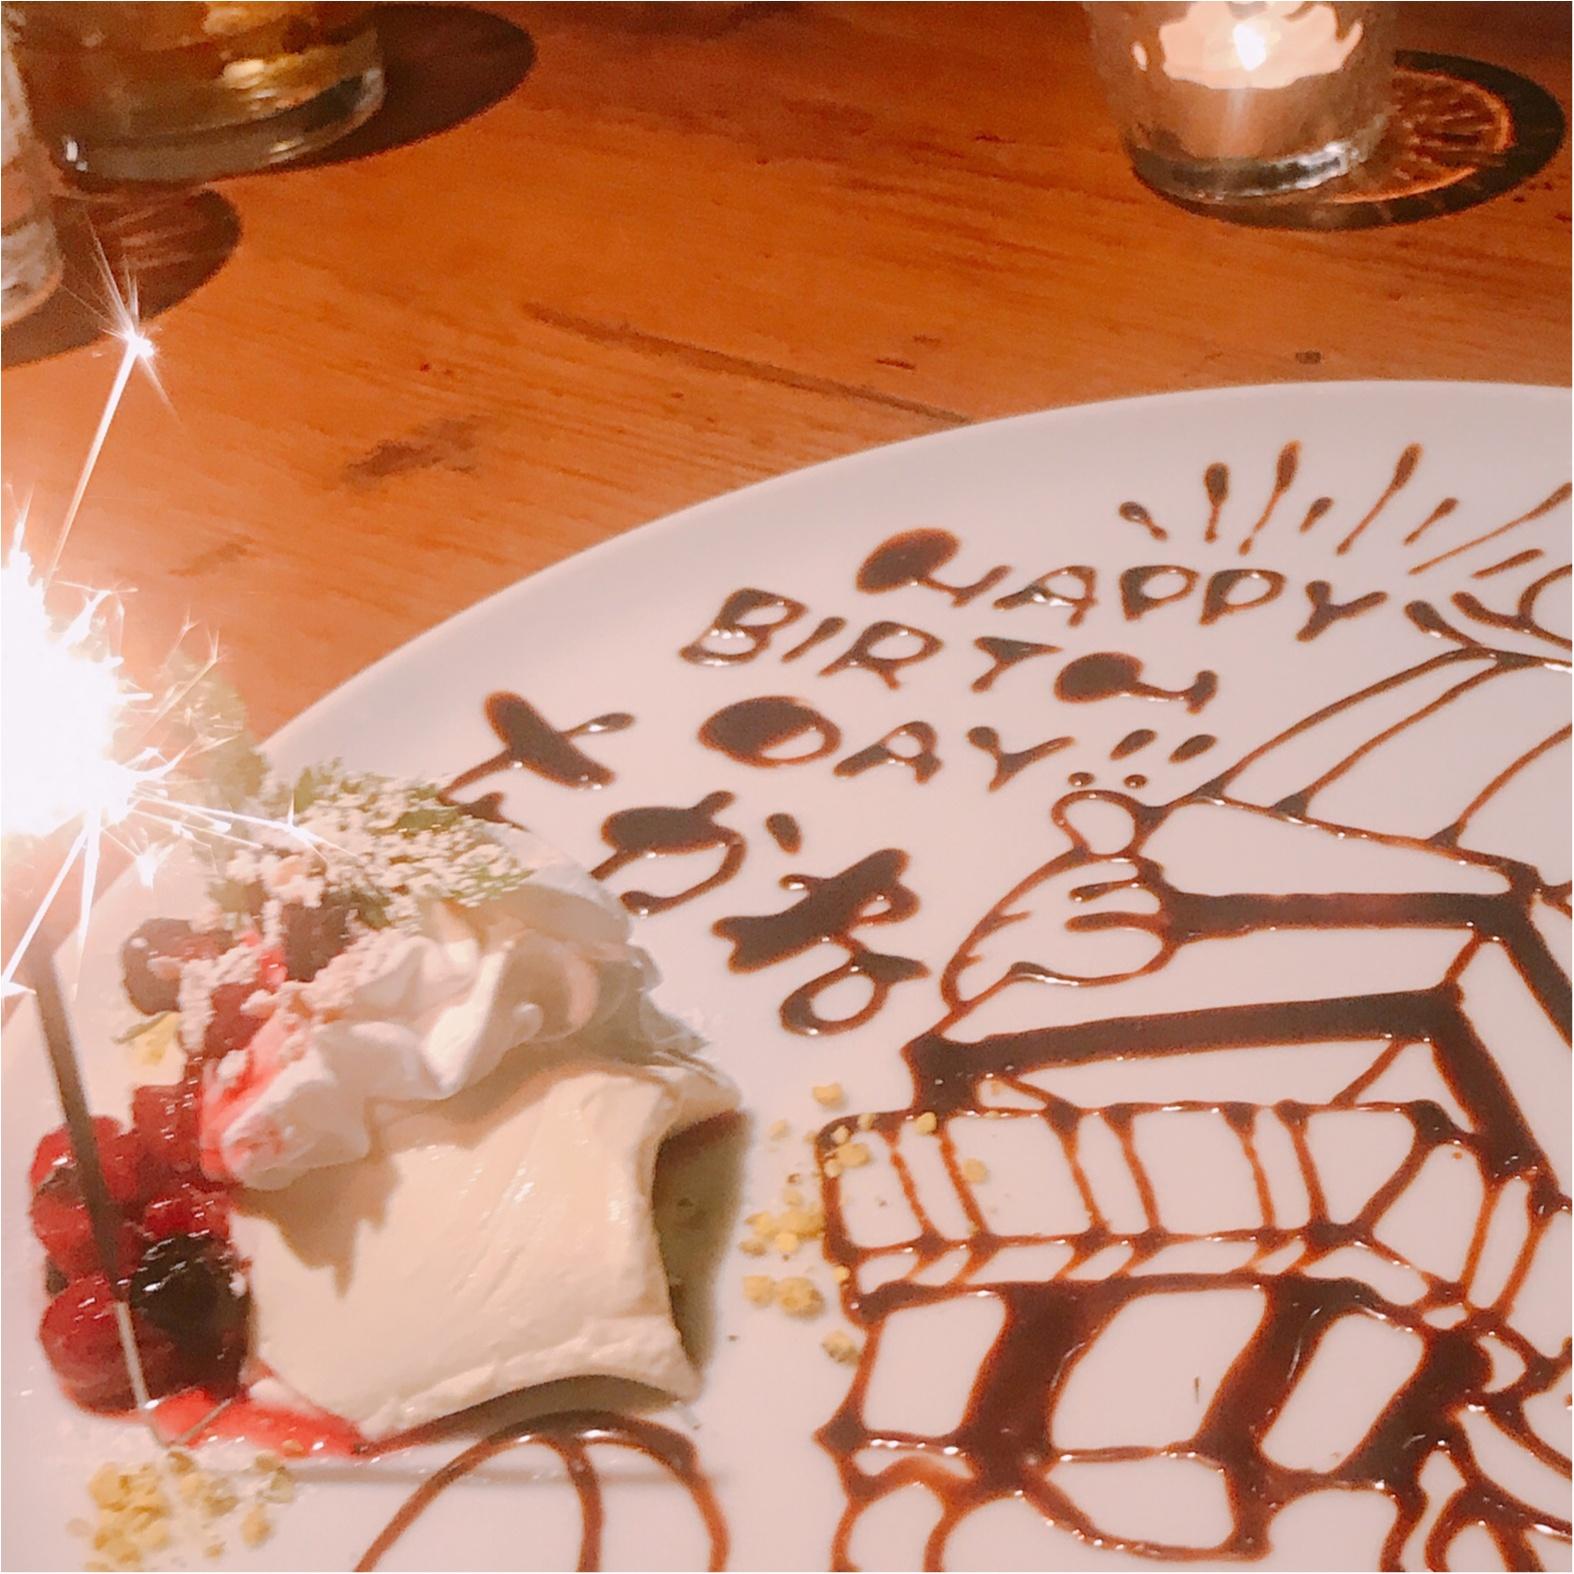 29歳になりました!《Cheese Dish Factory》でうれしいバースデーサプライズ♡_4